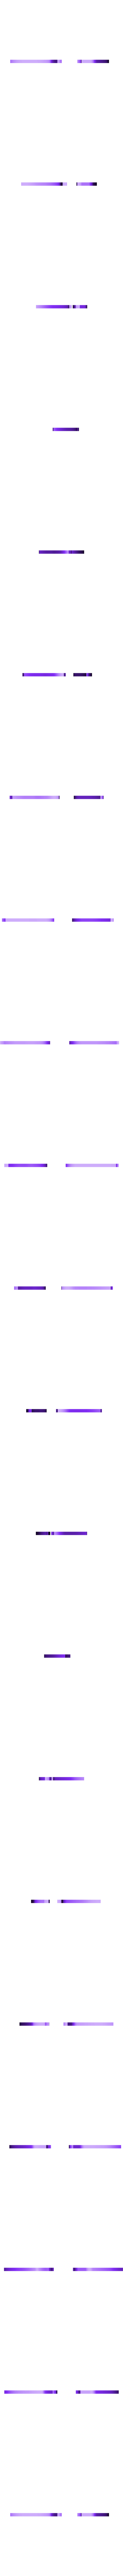 snitch_wings.STL Télécharger fichier STL gratuit Sous-verres multicolores Harry Potter • Design pour impression 3D, MosaicManufacturing